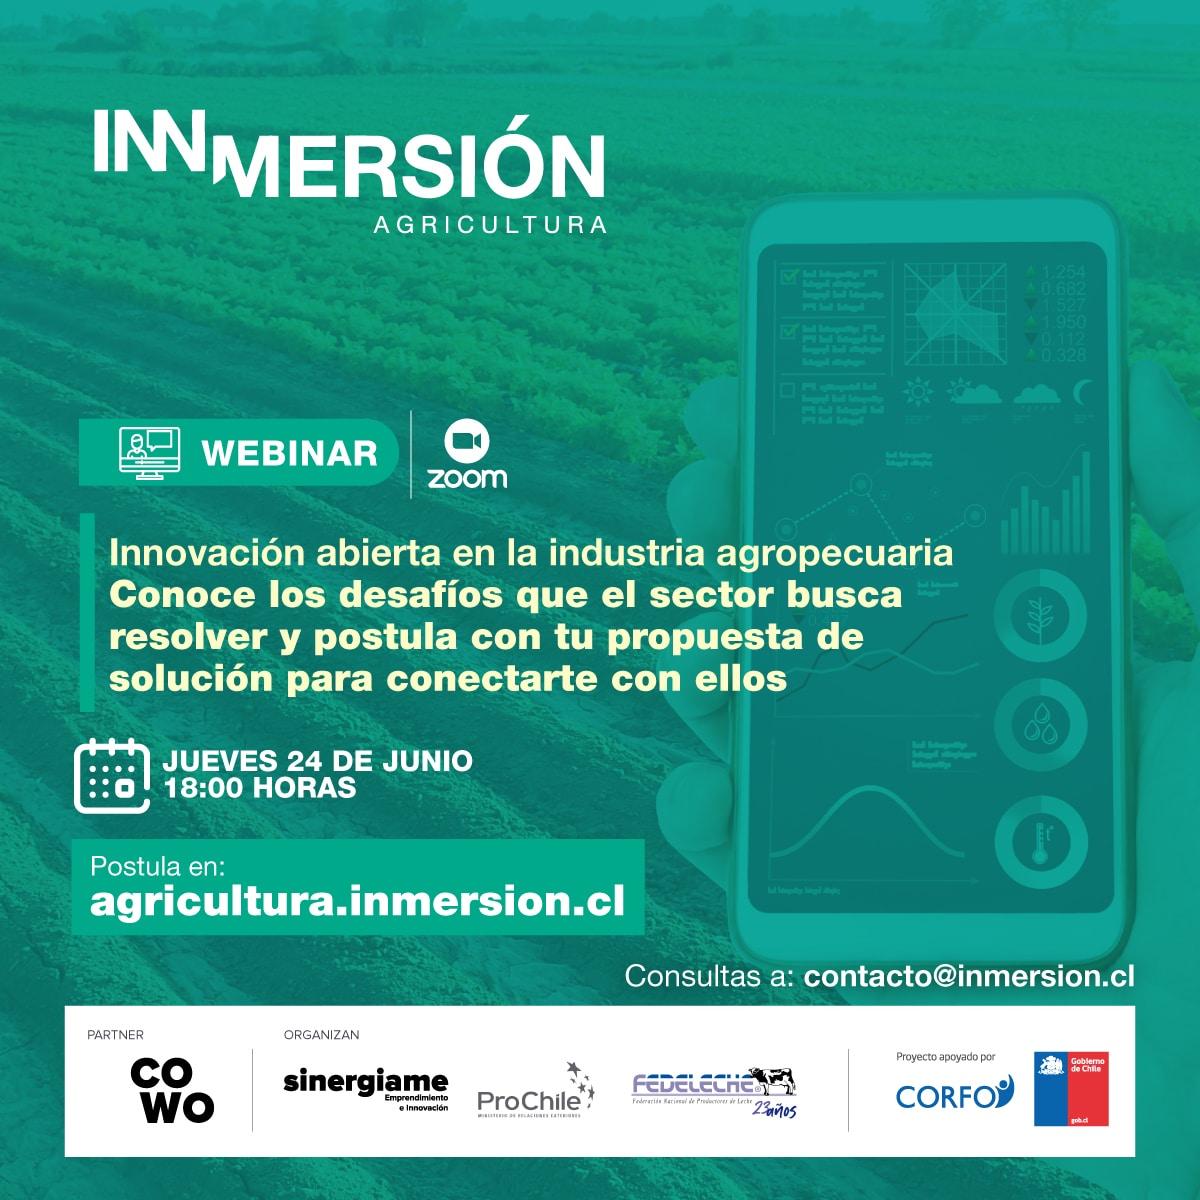 Webinar informativo Inmersión Agricultura 24 de junio